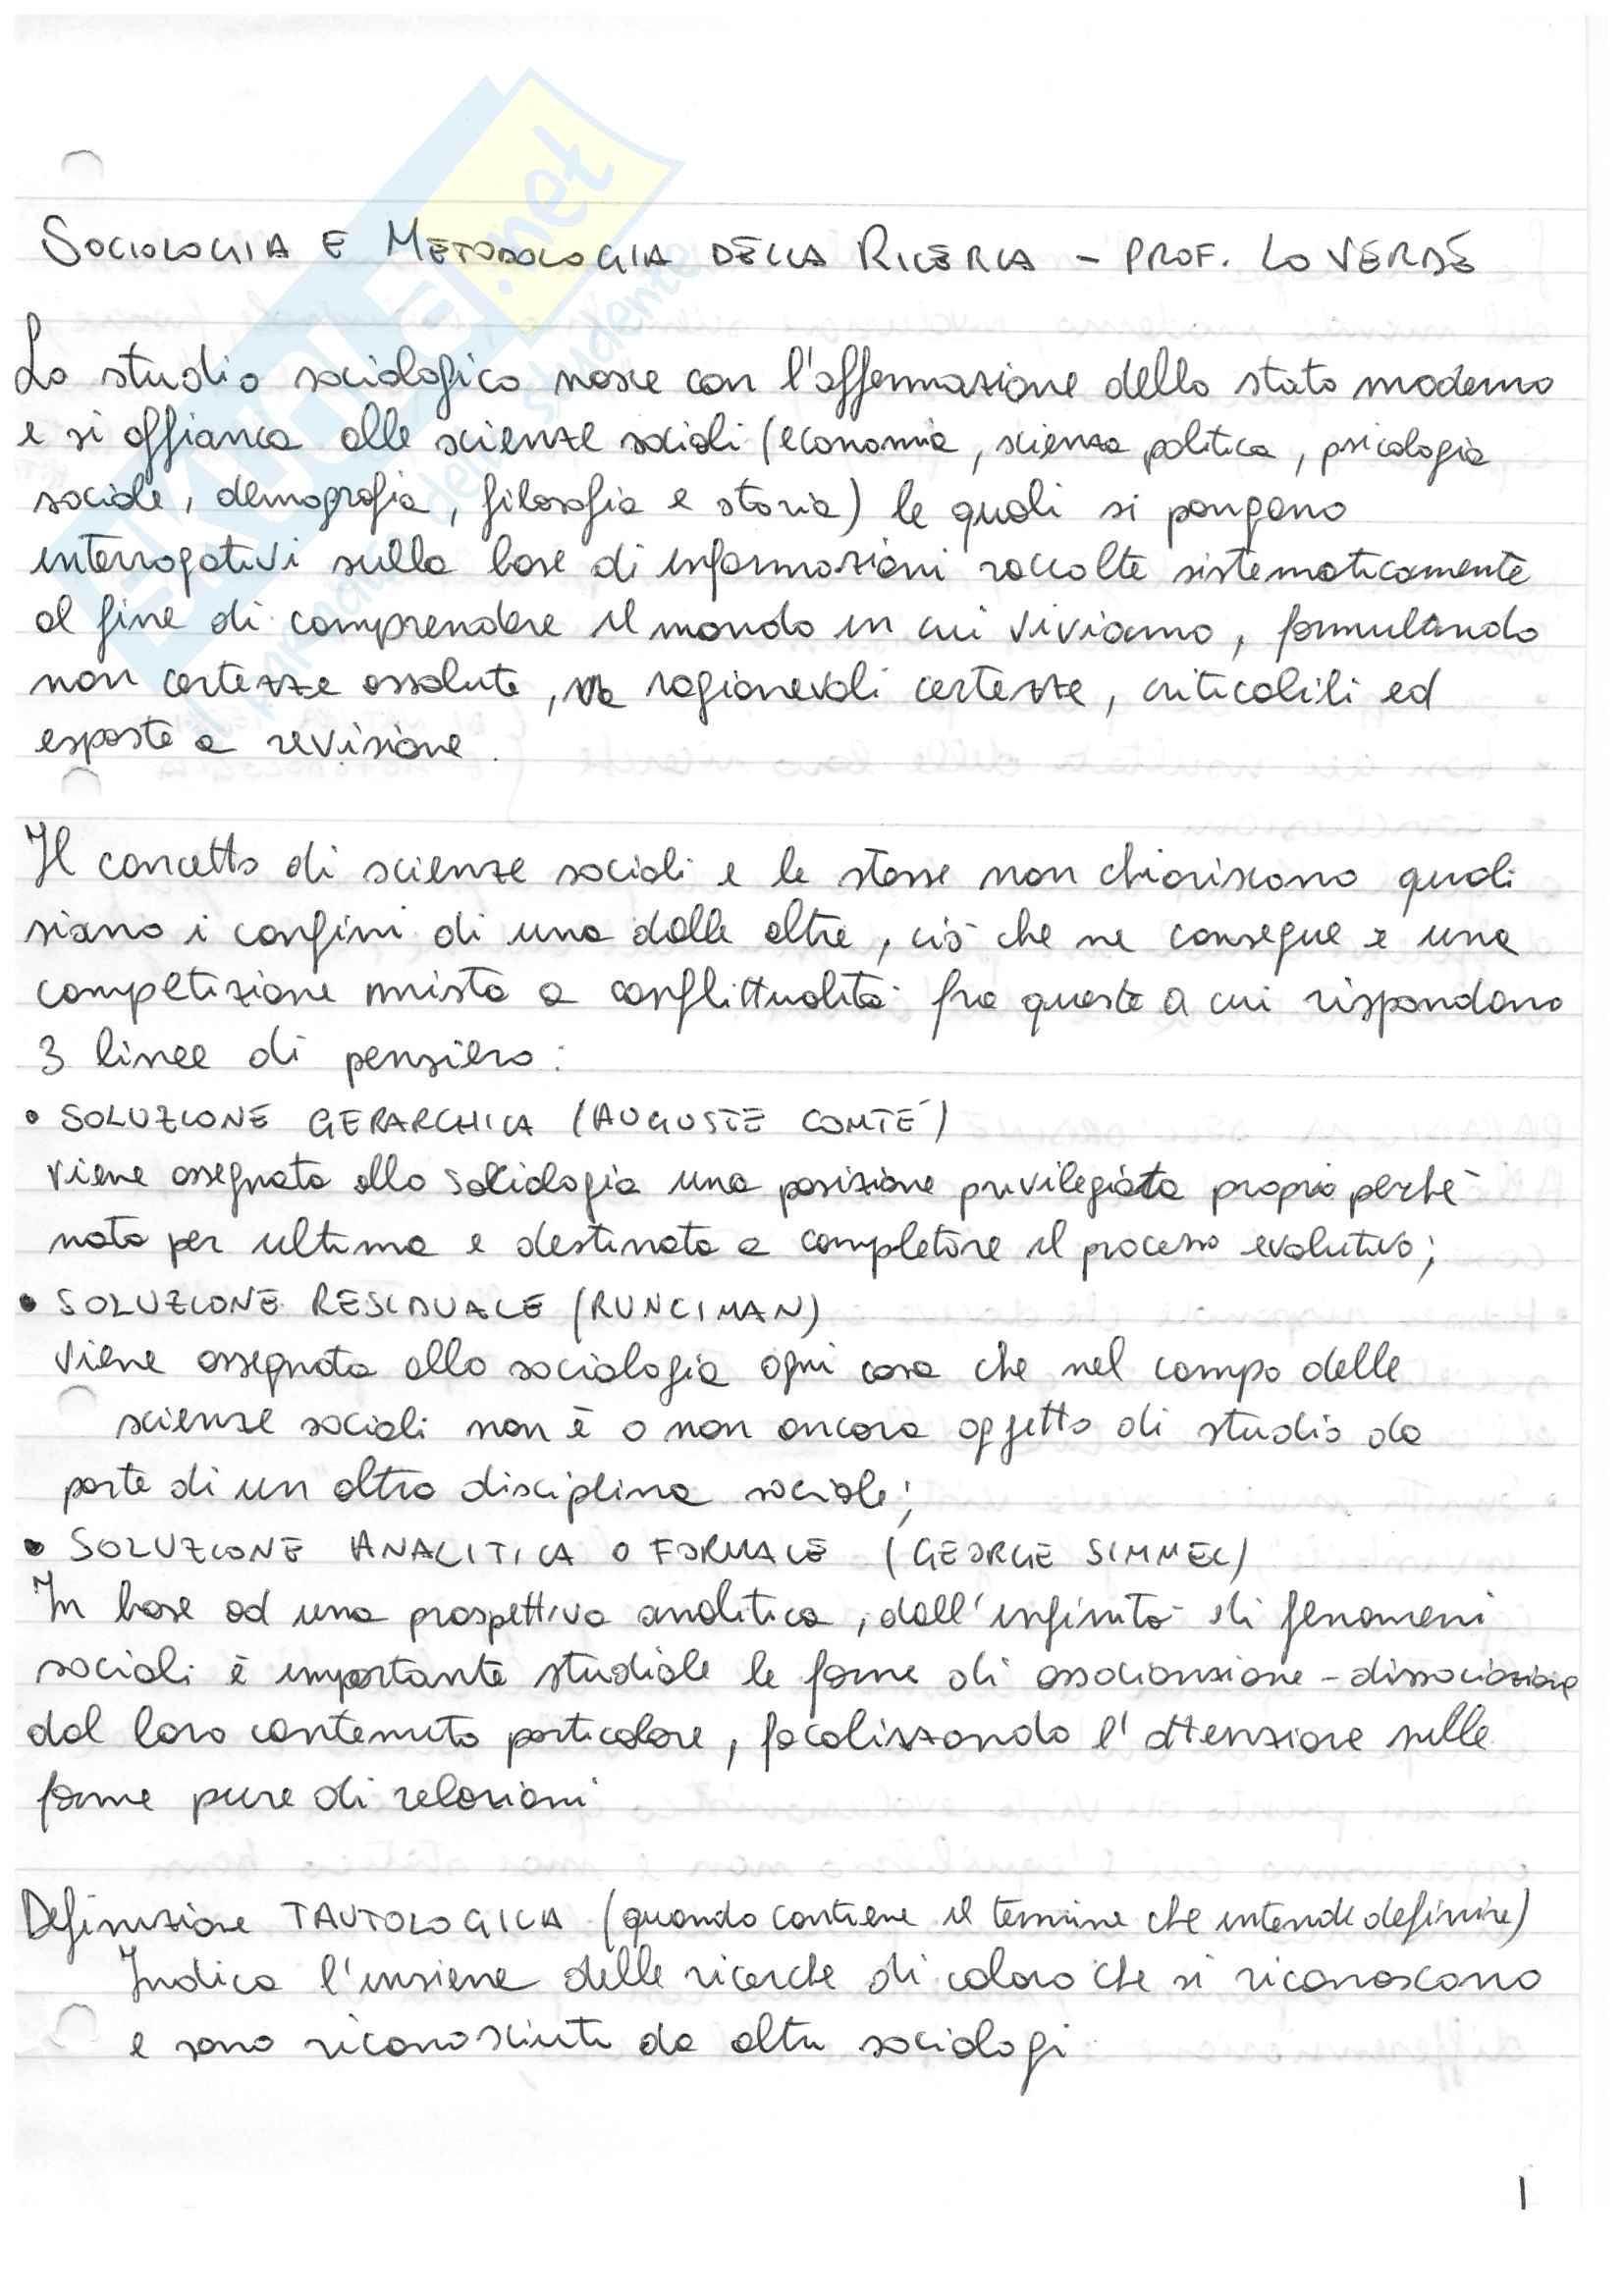 Appunti di Sociologia e Metodologia della Ricerca - prof. Lo Verde